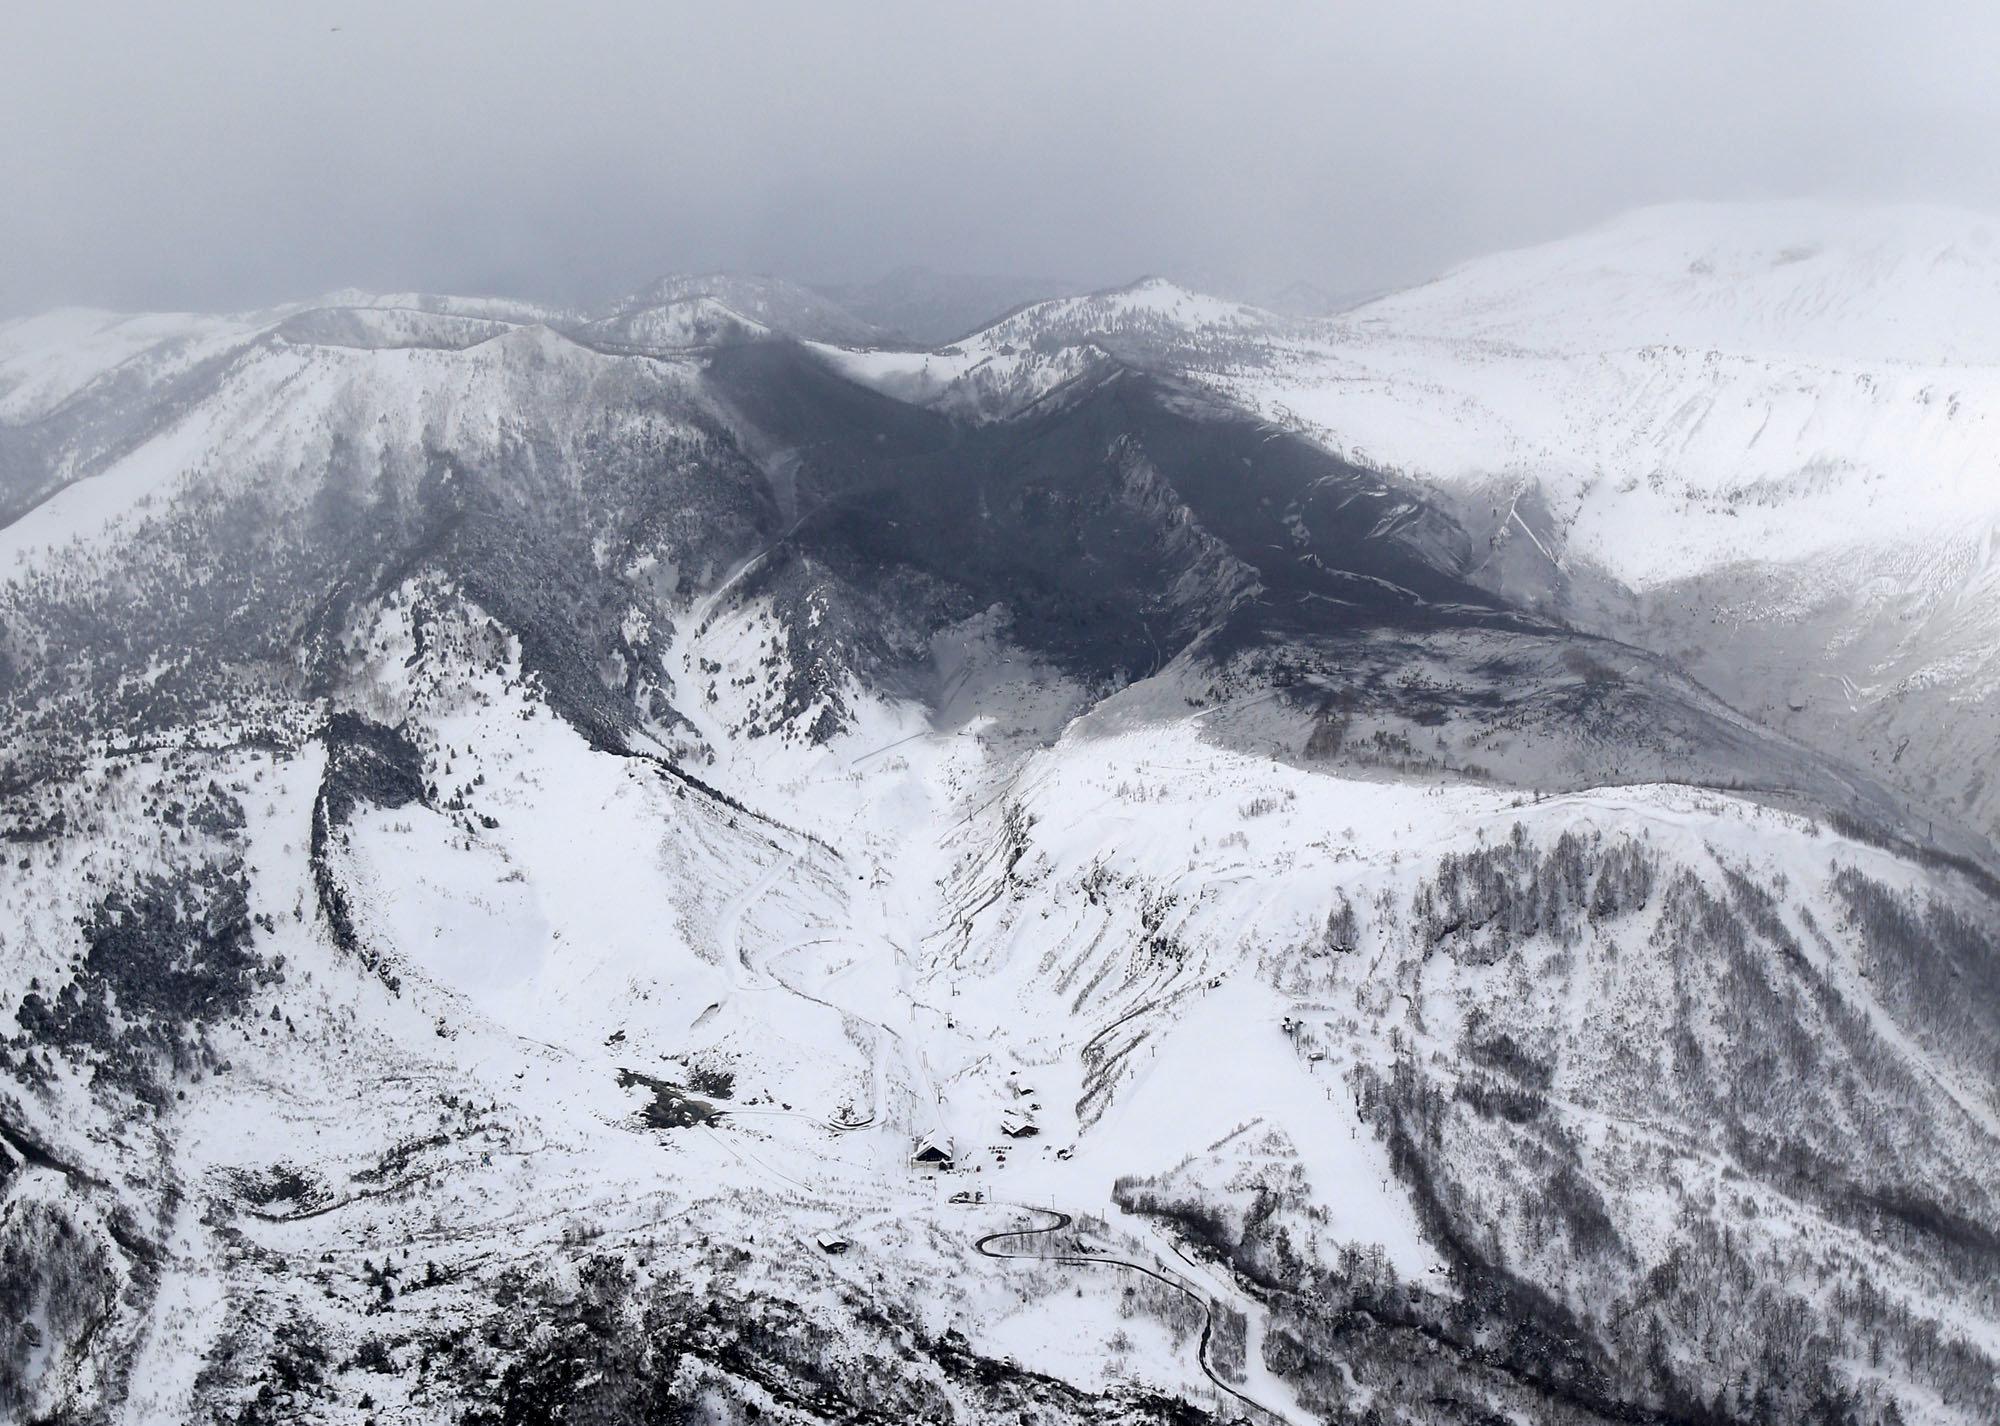 Ιαπωνία: Έκρηξη ηφαιστείου προκάλεσε χιονοστιβάδα. Ένας νεκρός και